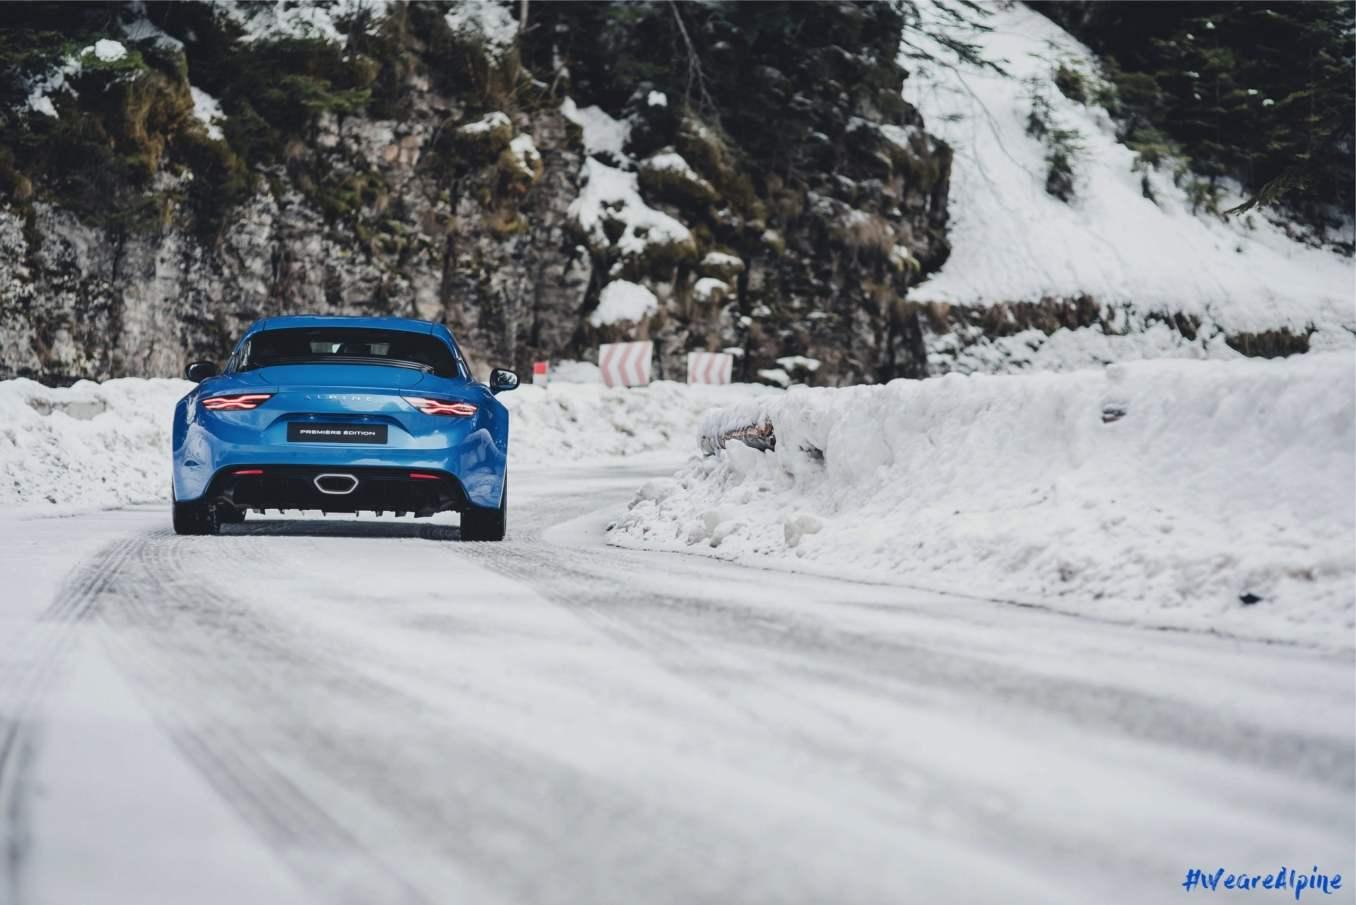 Genève 2017 Alpine A110 Premiere edition officielle 14 imp scaled | Salon de Genève 2017, toutes les informations officielles de l'Alpine A110 !